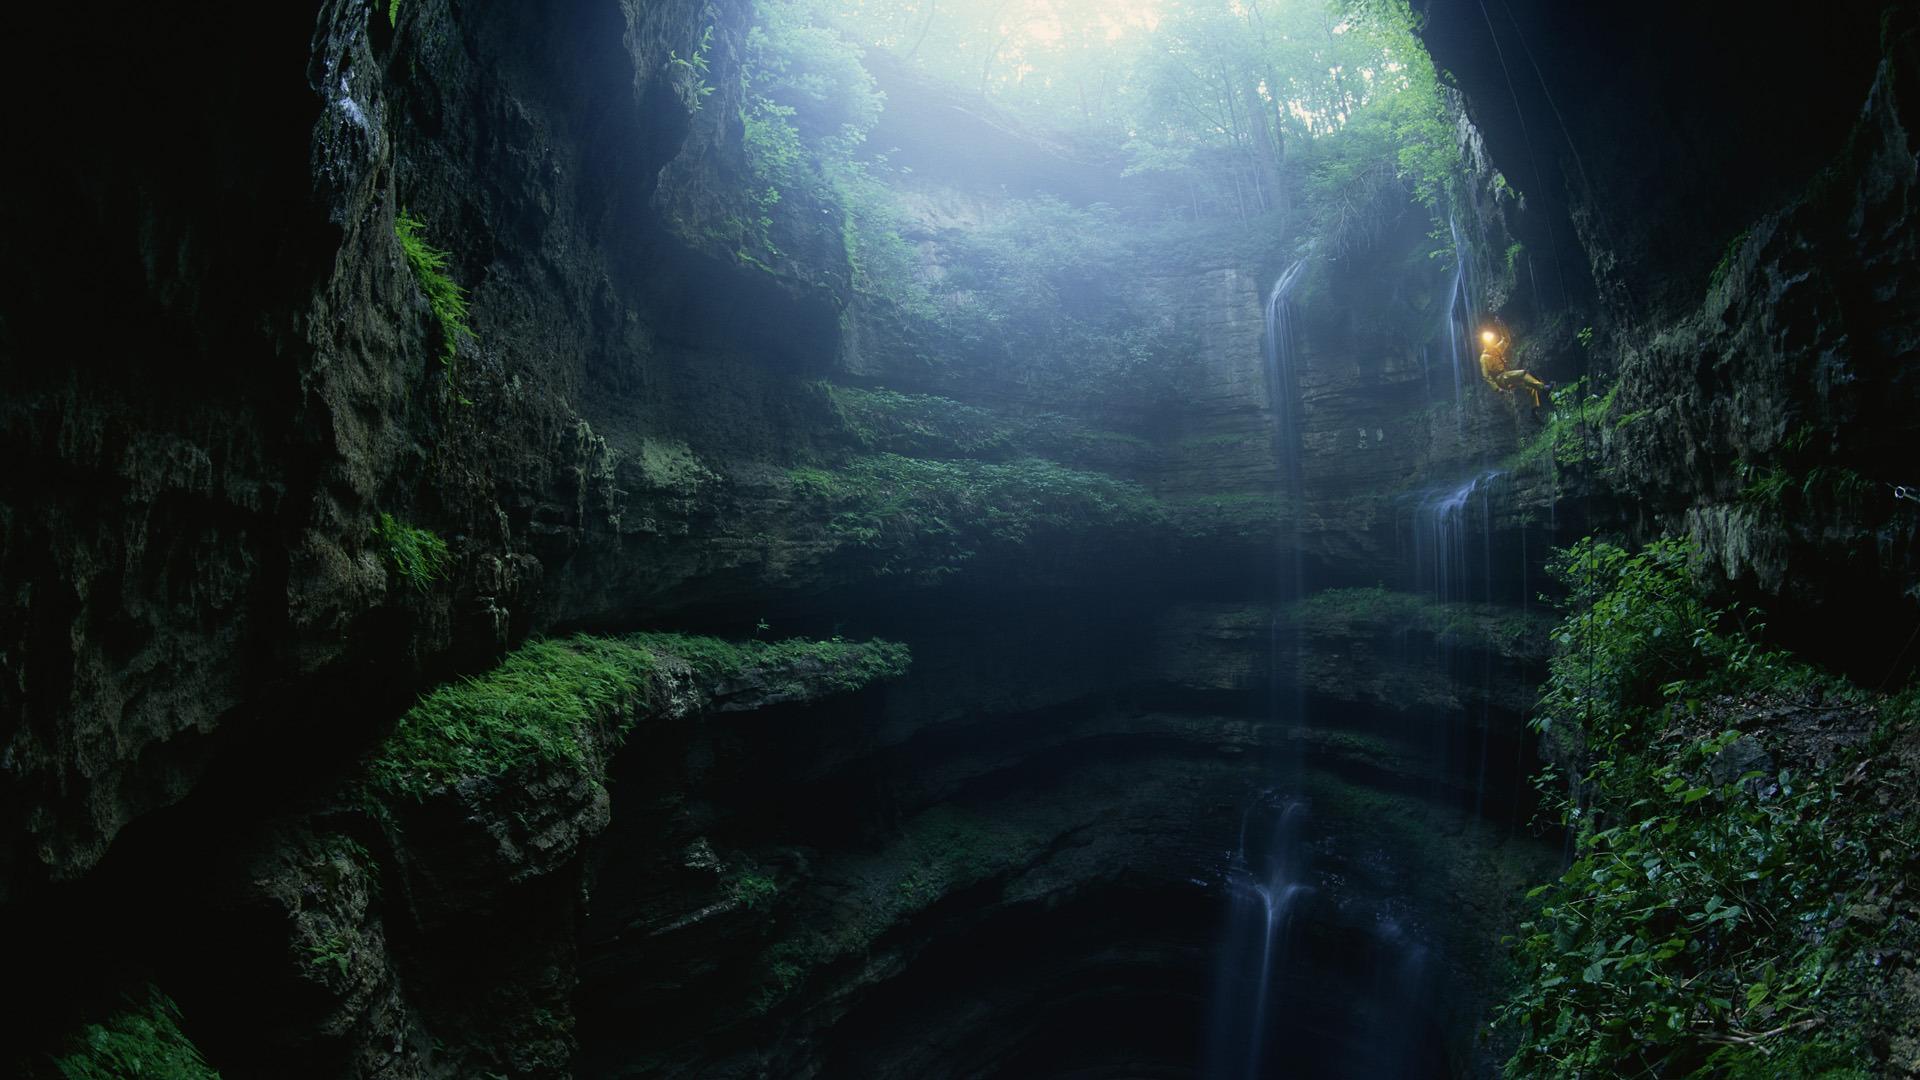 Природа пейзаж природа ущелье пещера